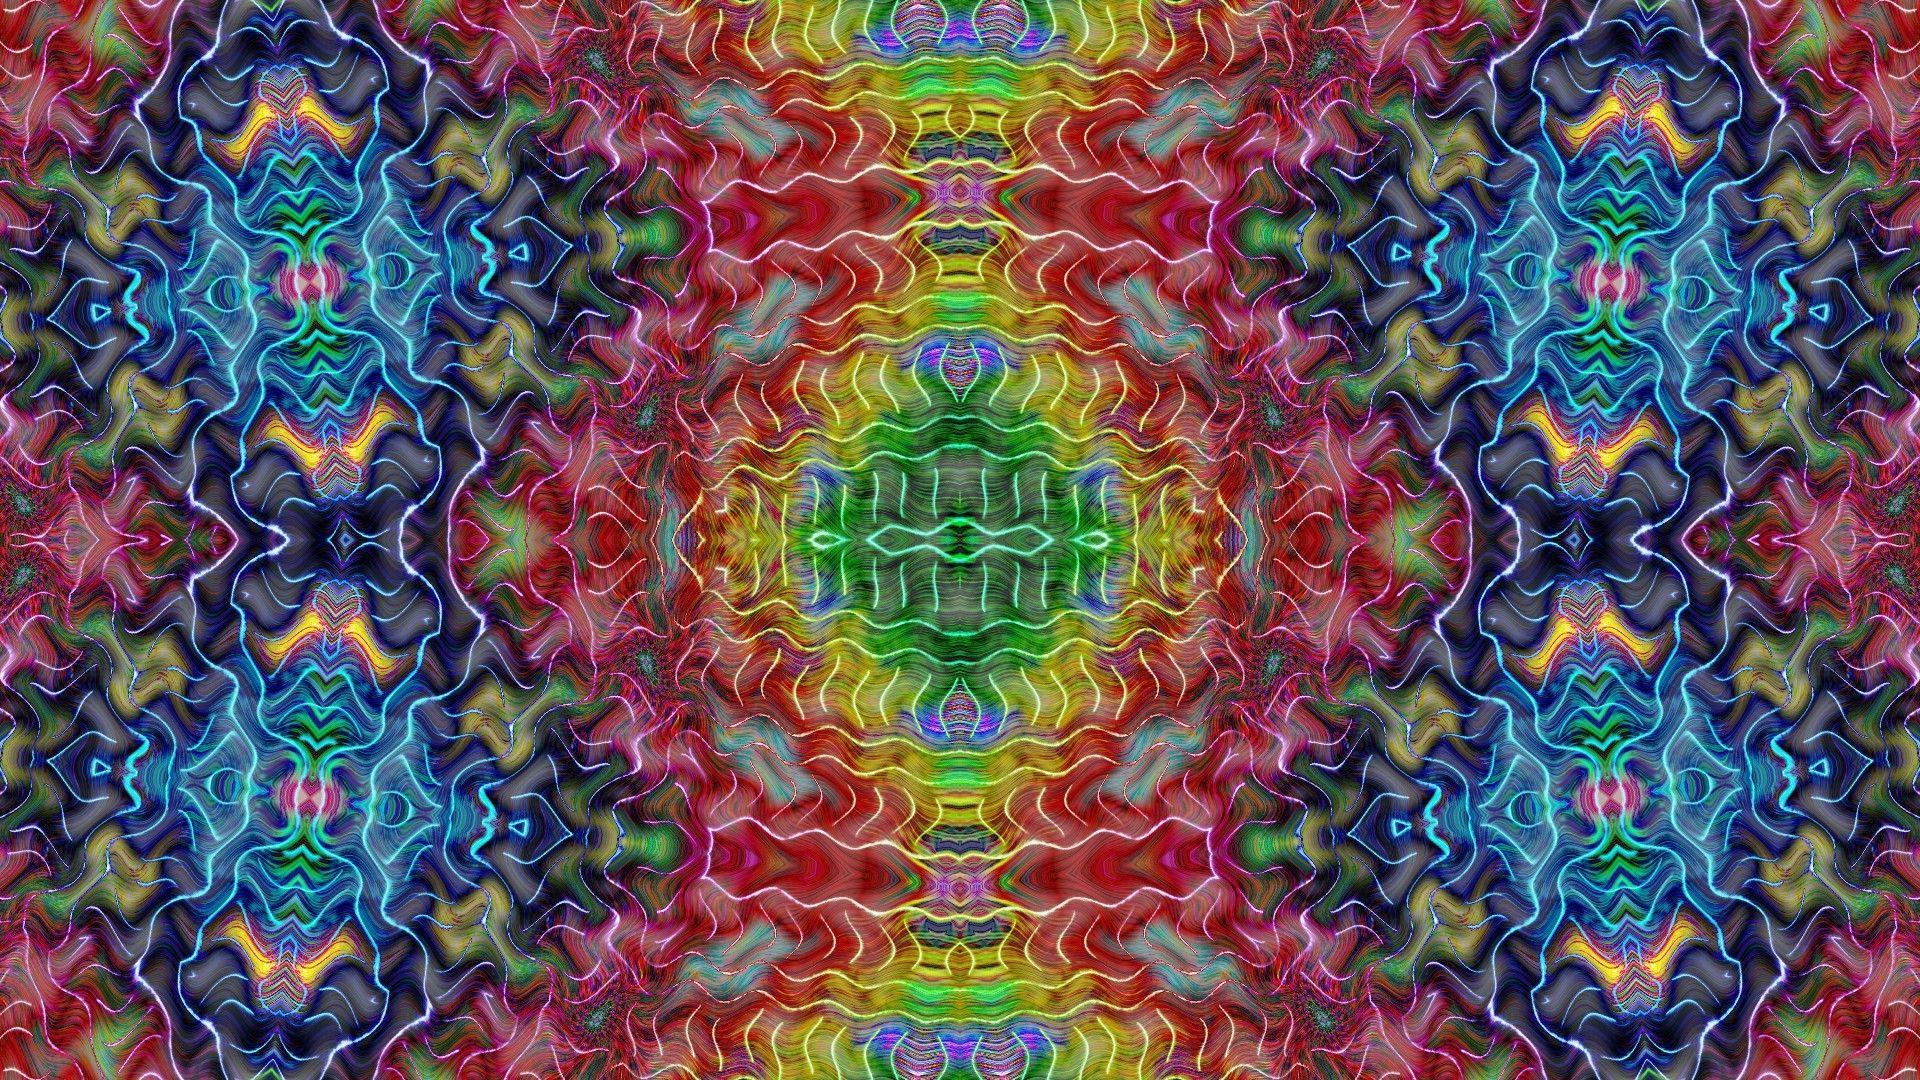 Kaleidoscope good wallpaper hd